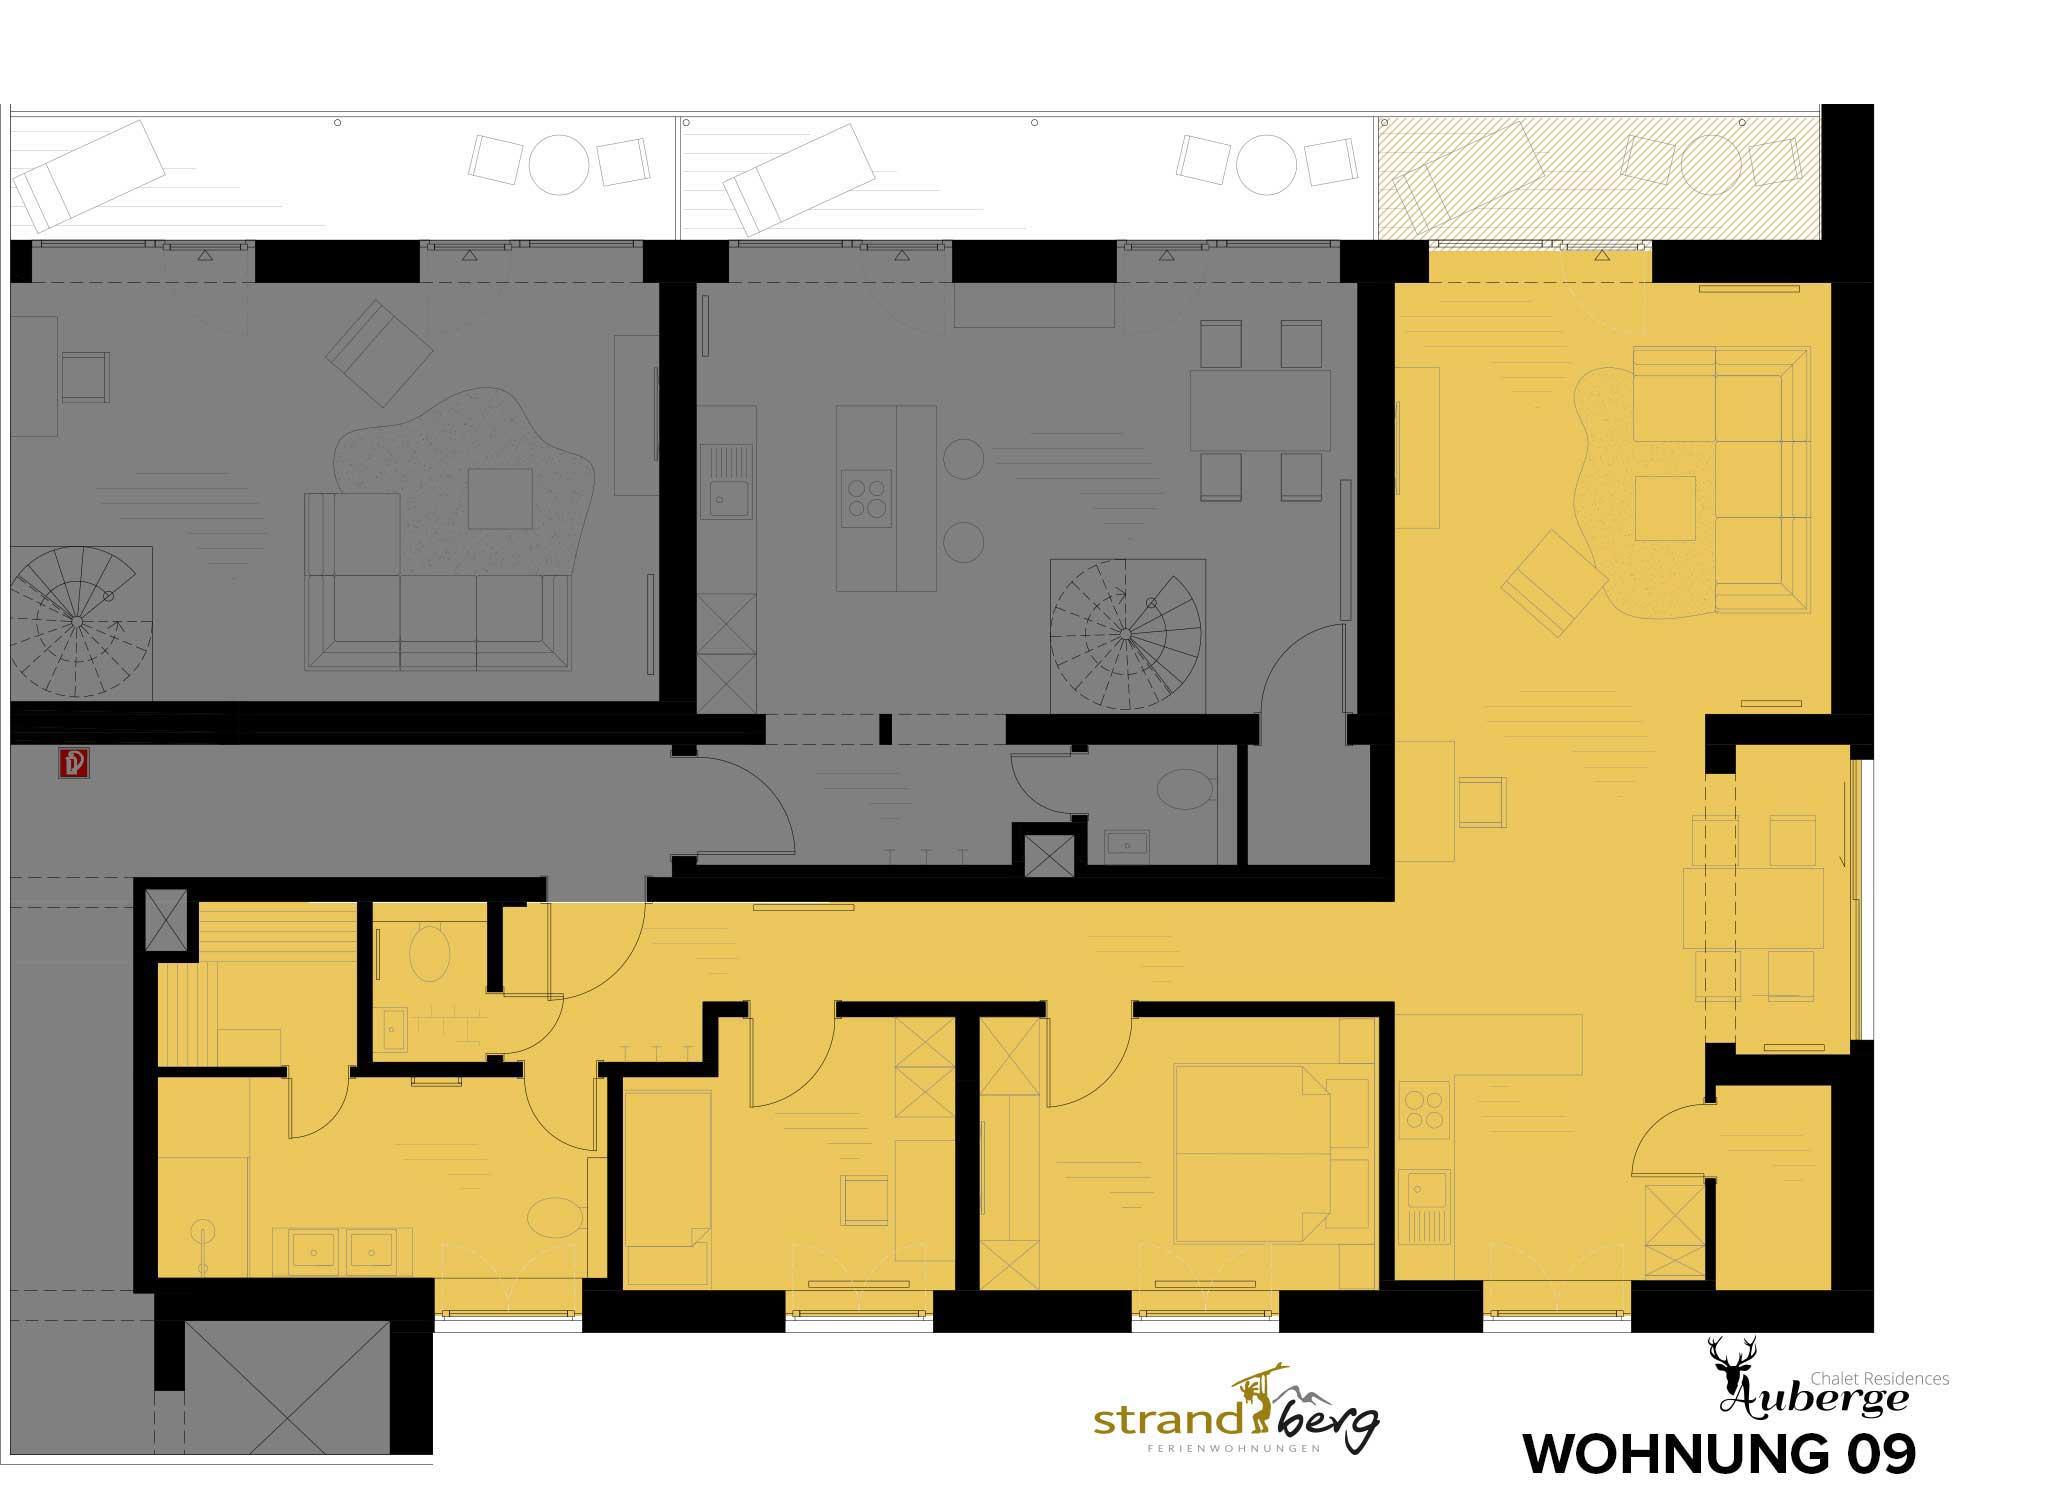 Wohnung 09 Grundriss